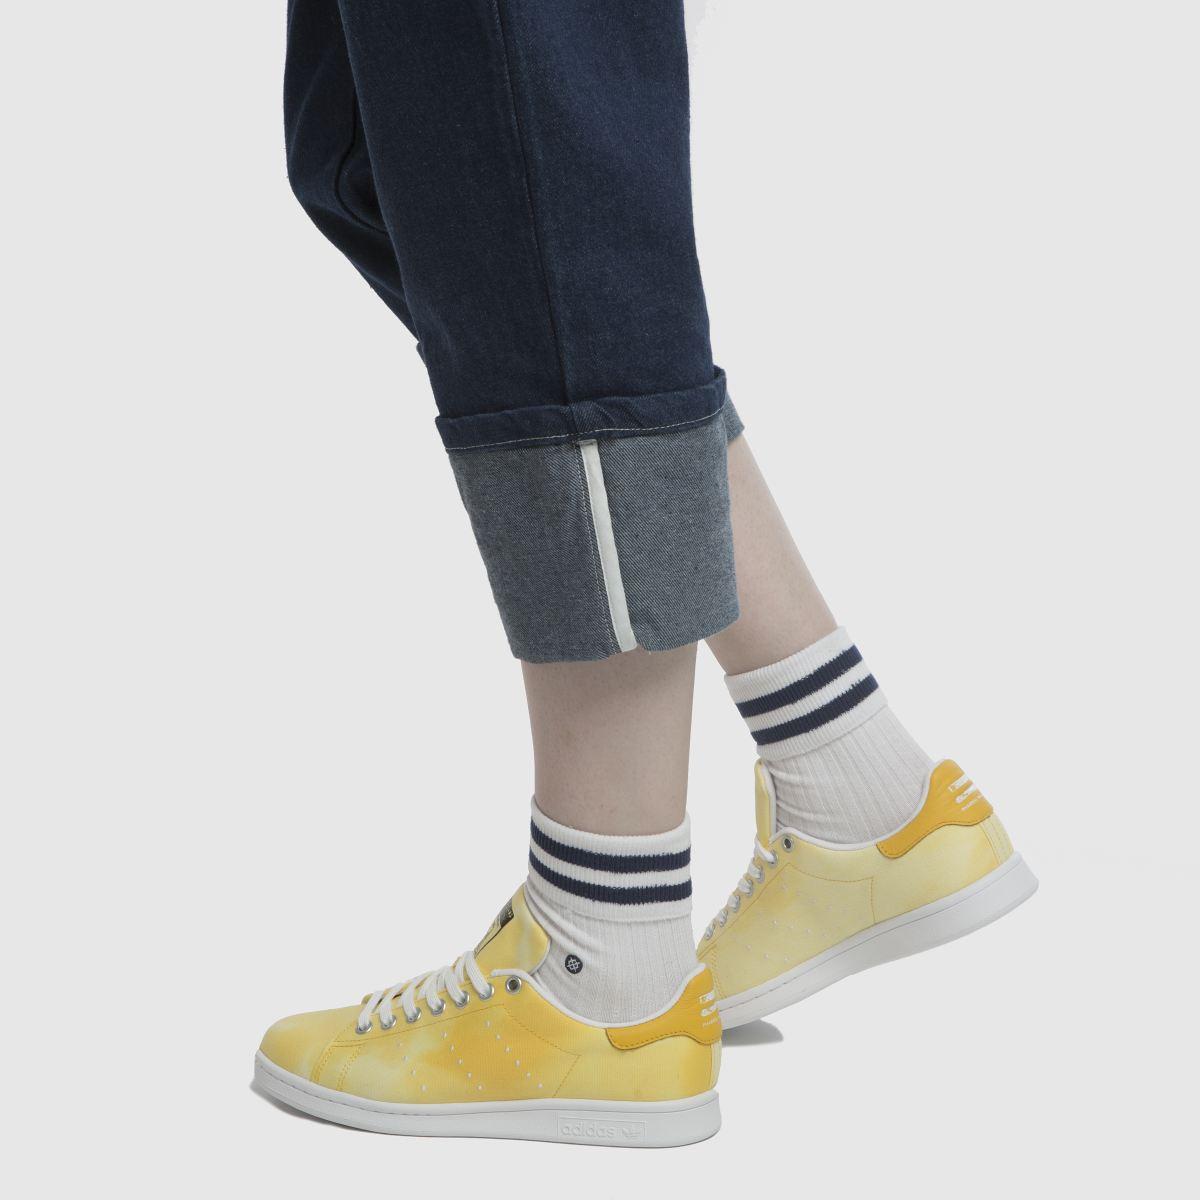 Damen Gelb Hu adidas Stan Smith Pharrell Hu Gelb Holi Sneaker   schuh Gute Qualität beliebte Schuhe 695a10